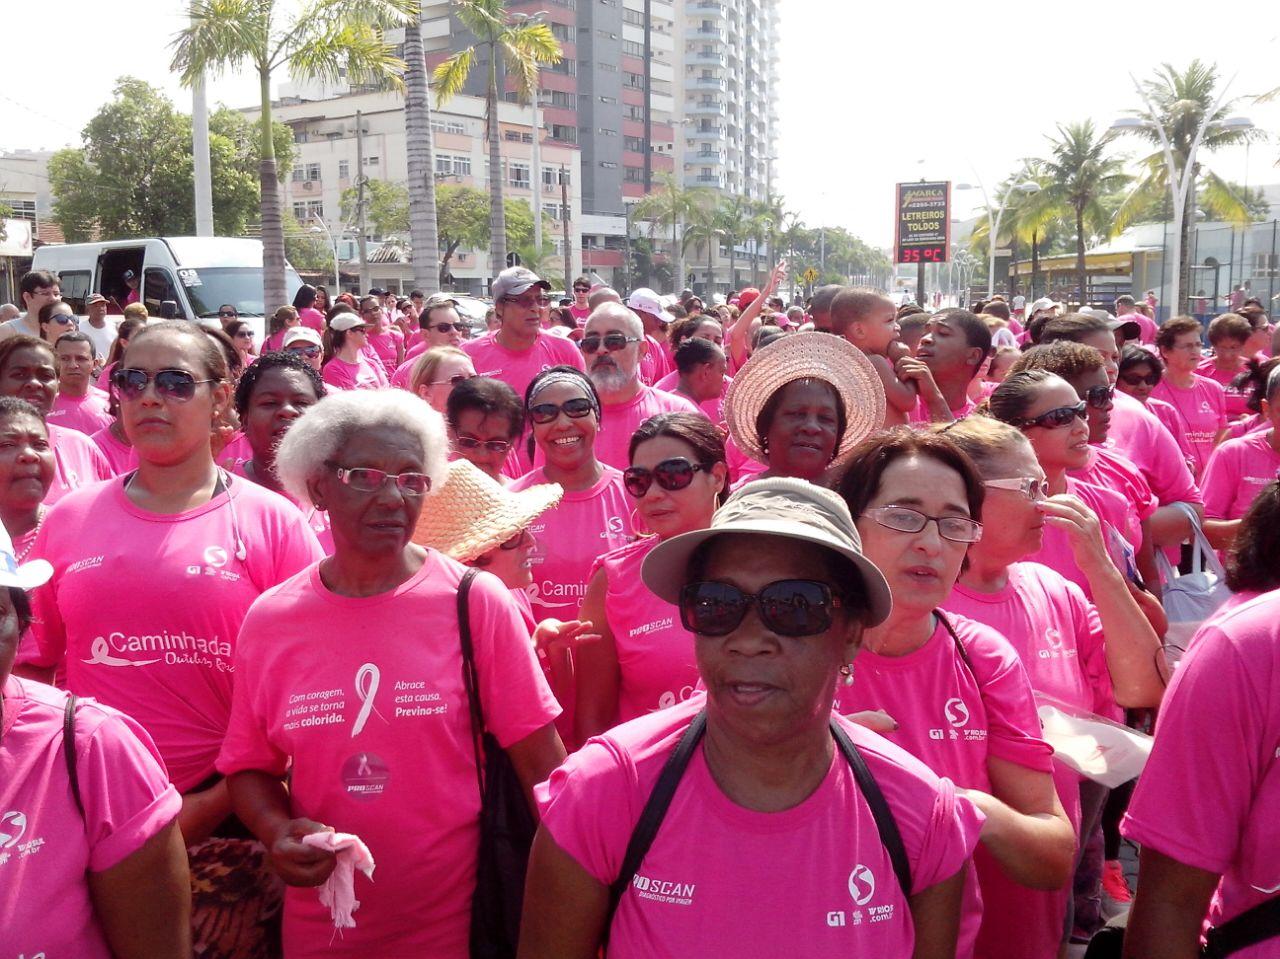 Evento reuniu centenas de pessoas na manhã deste domingo (19)